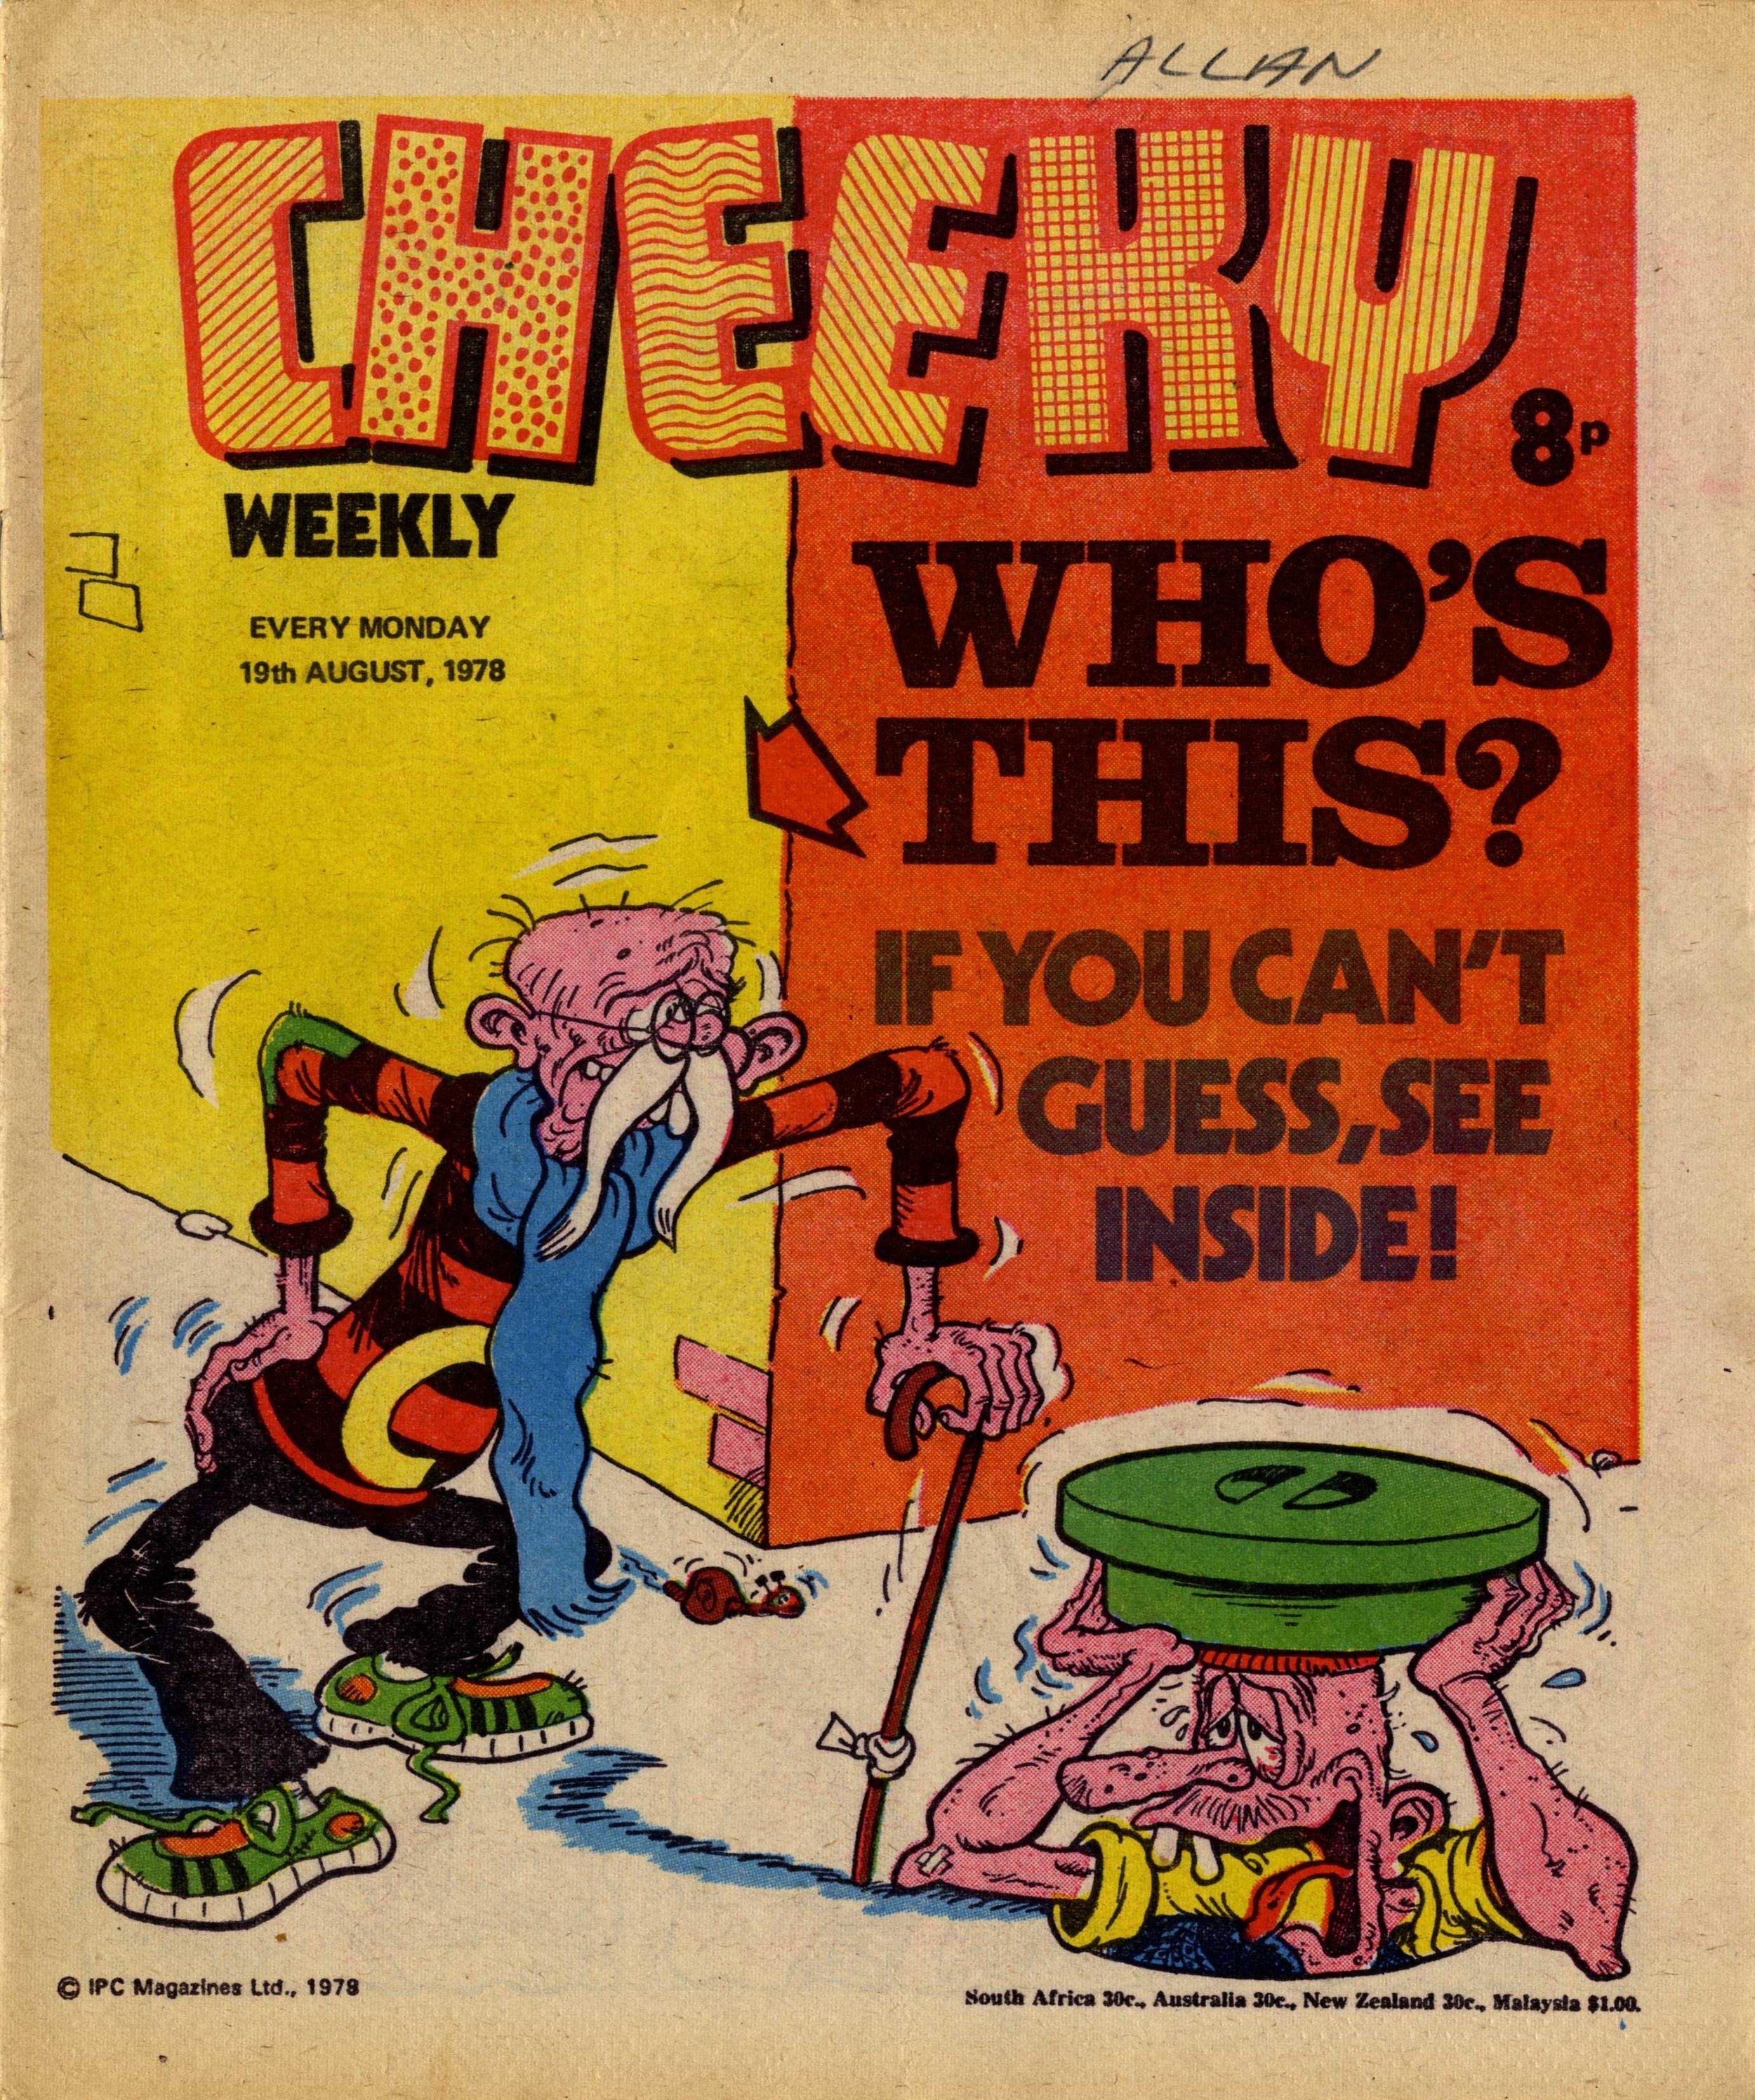 Cheeky 190878 001.jpg